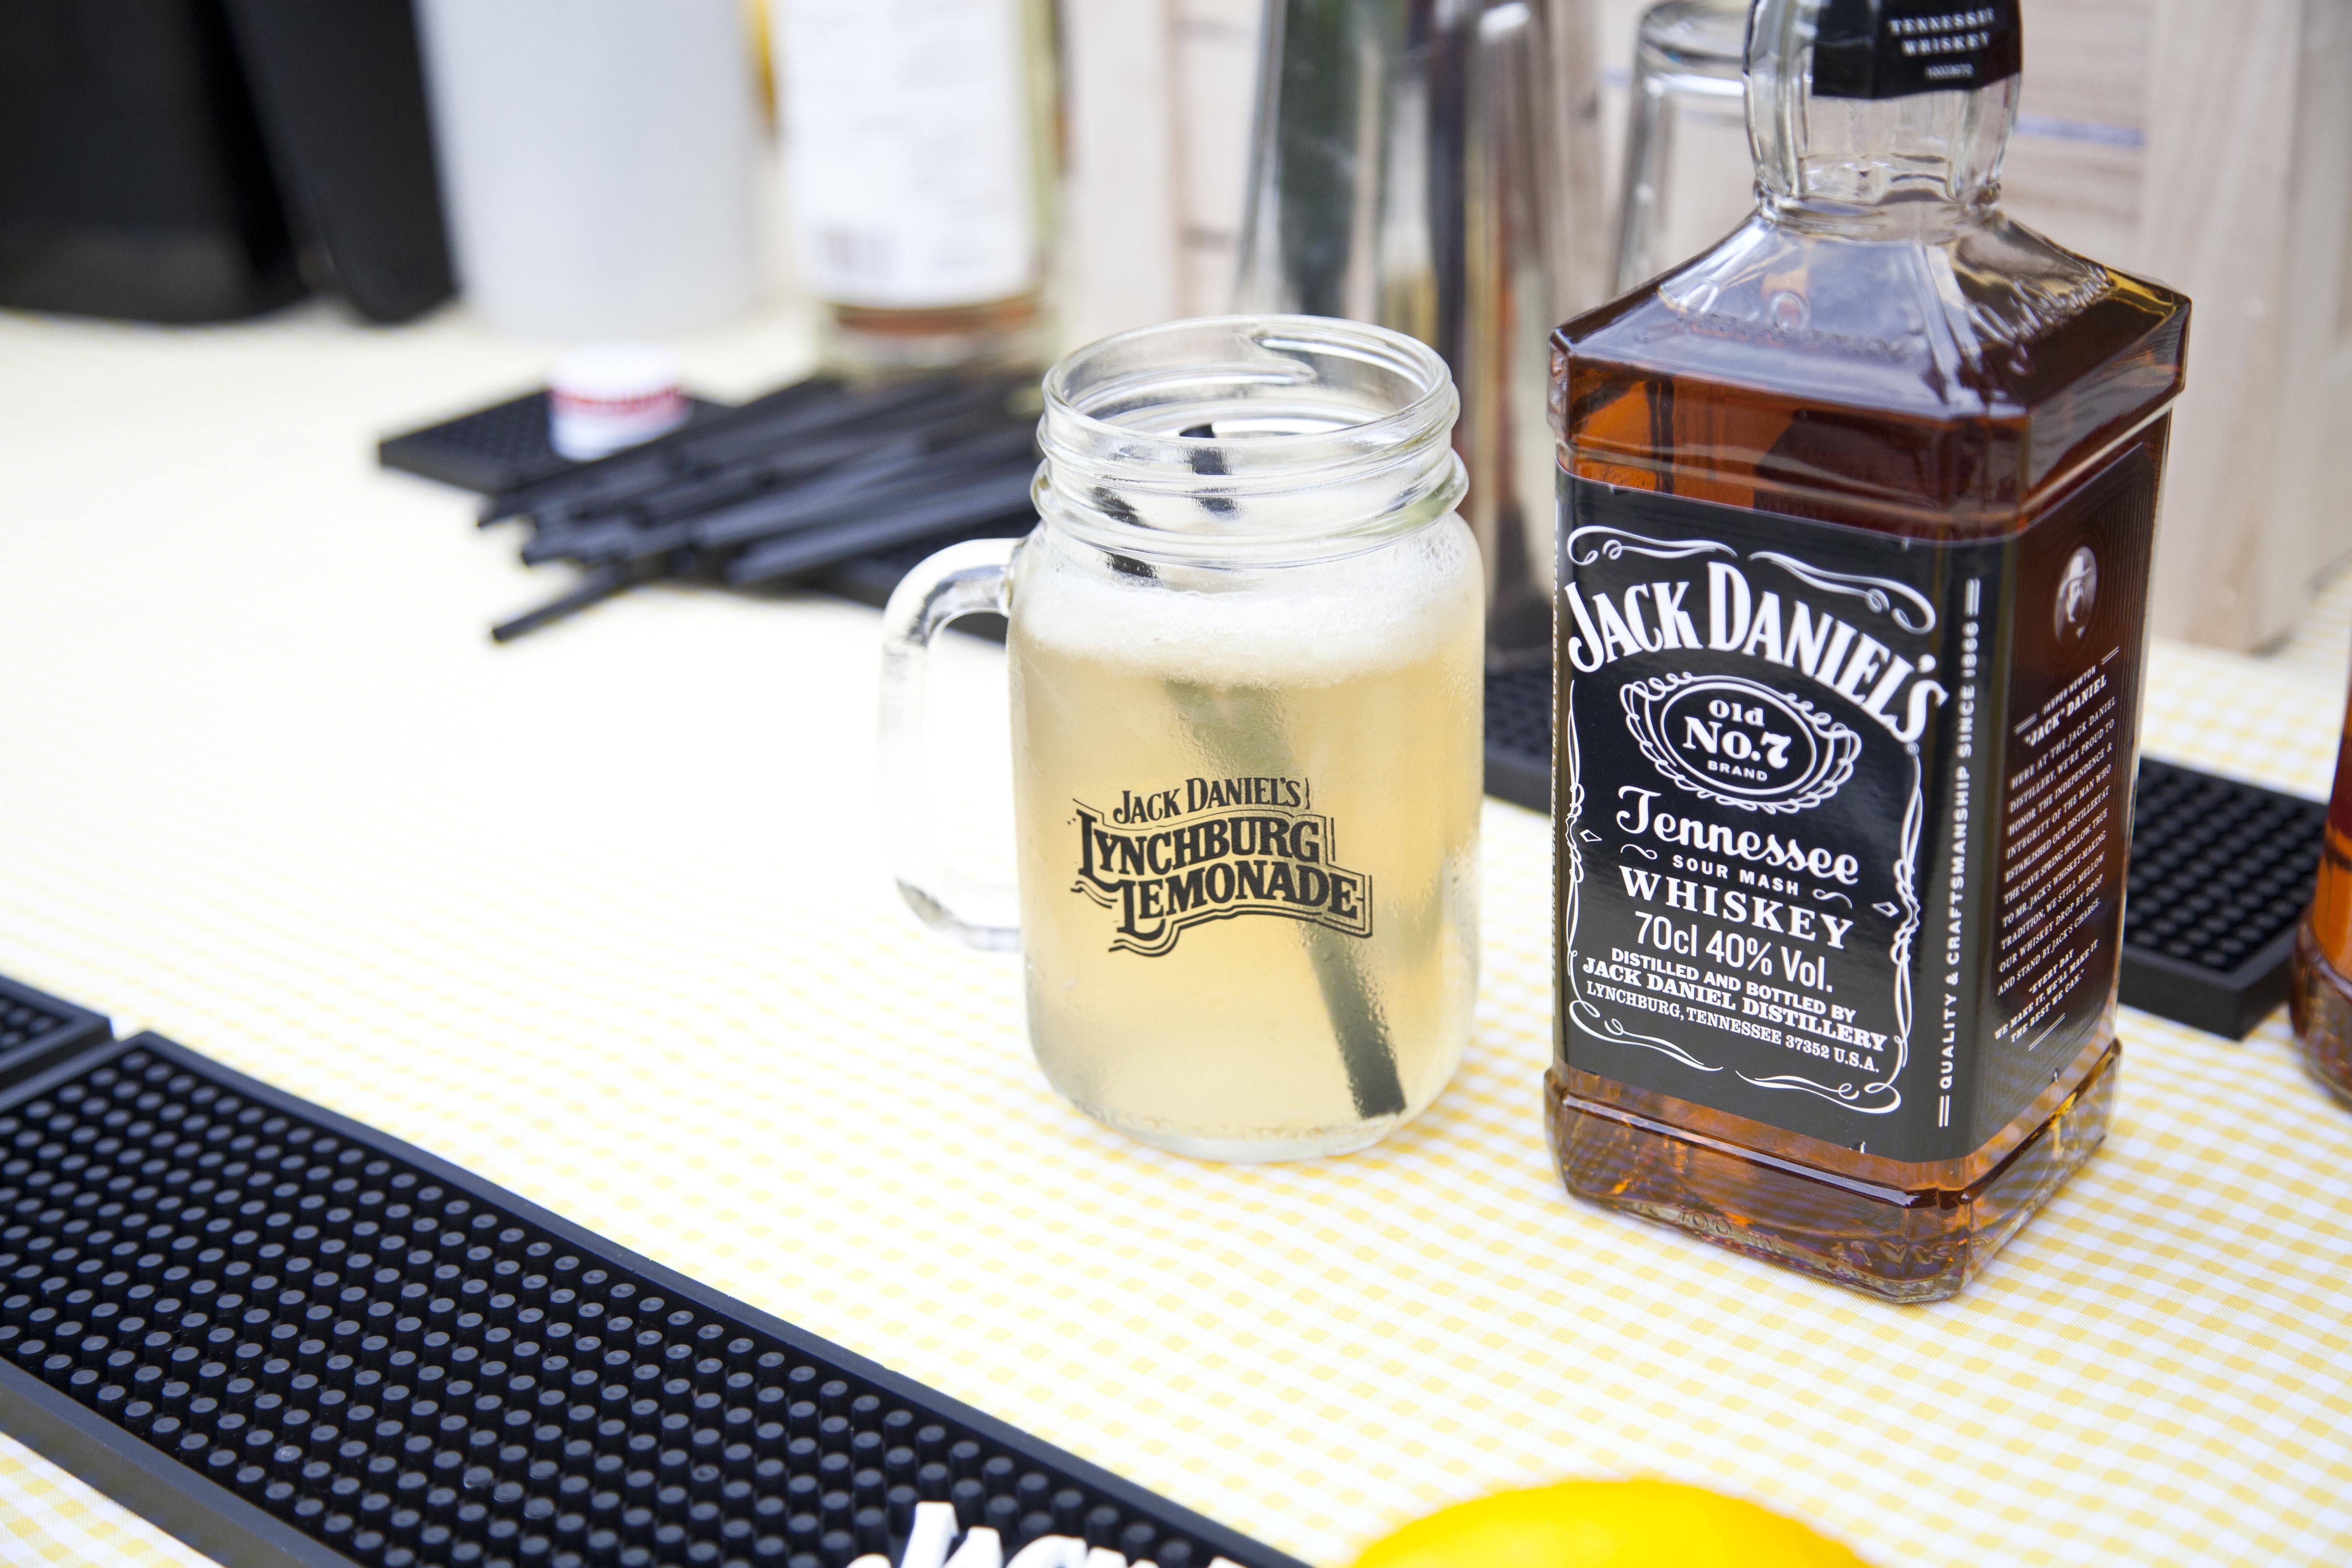 lynchburg lemonade by jack daniel 39 s le cool barcelona. Black Bedroom Furniture Sets. Home Design Ideas